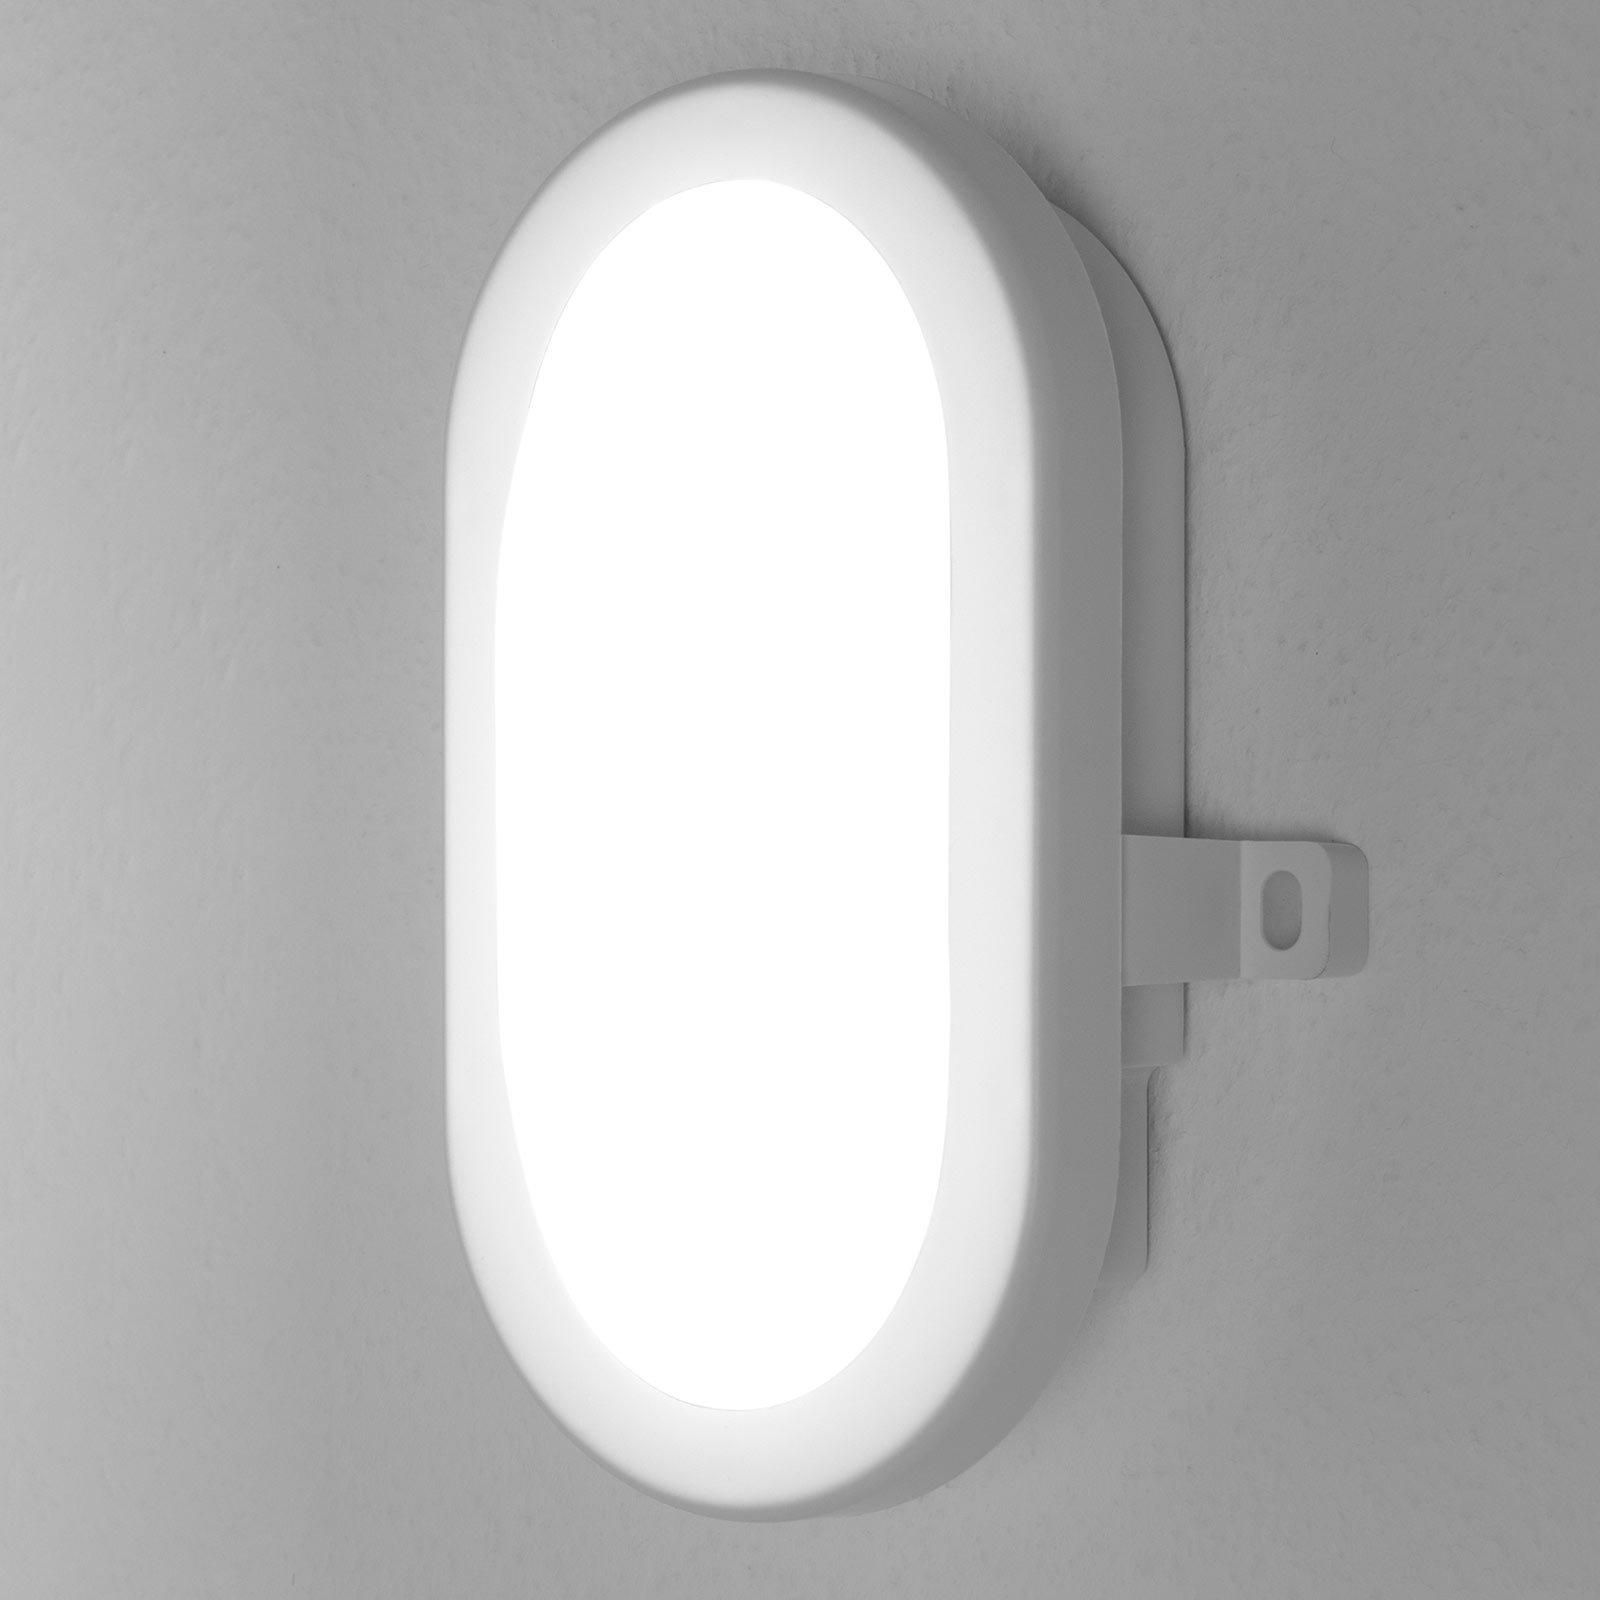 LEDVANCE Bulkhead utendørs LED-vegglampe 5,5W hvit